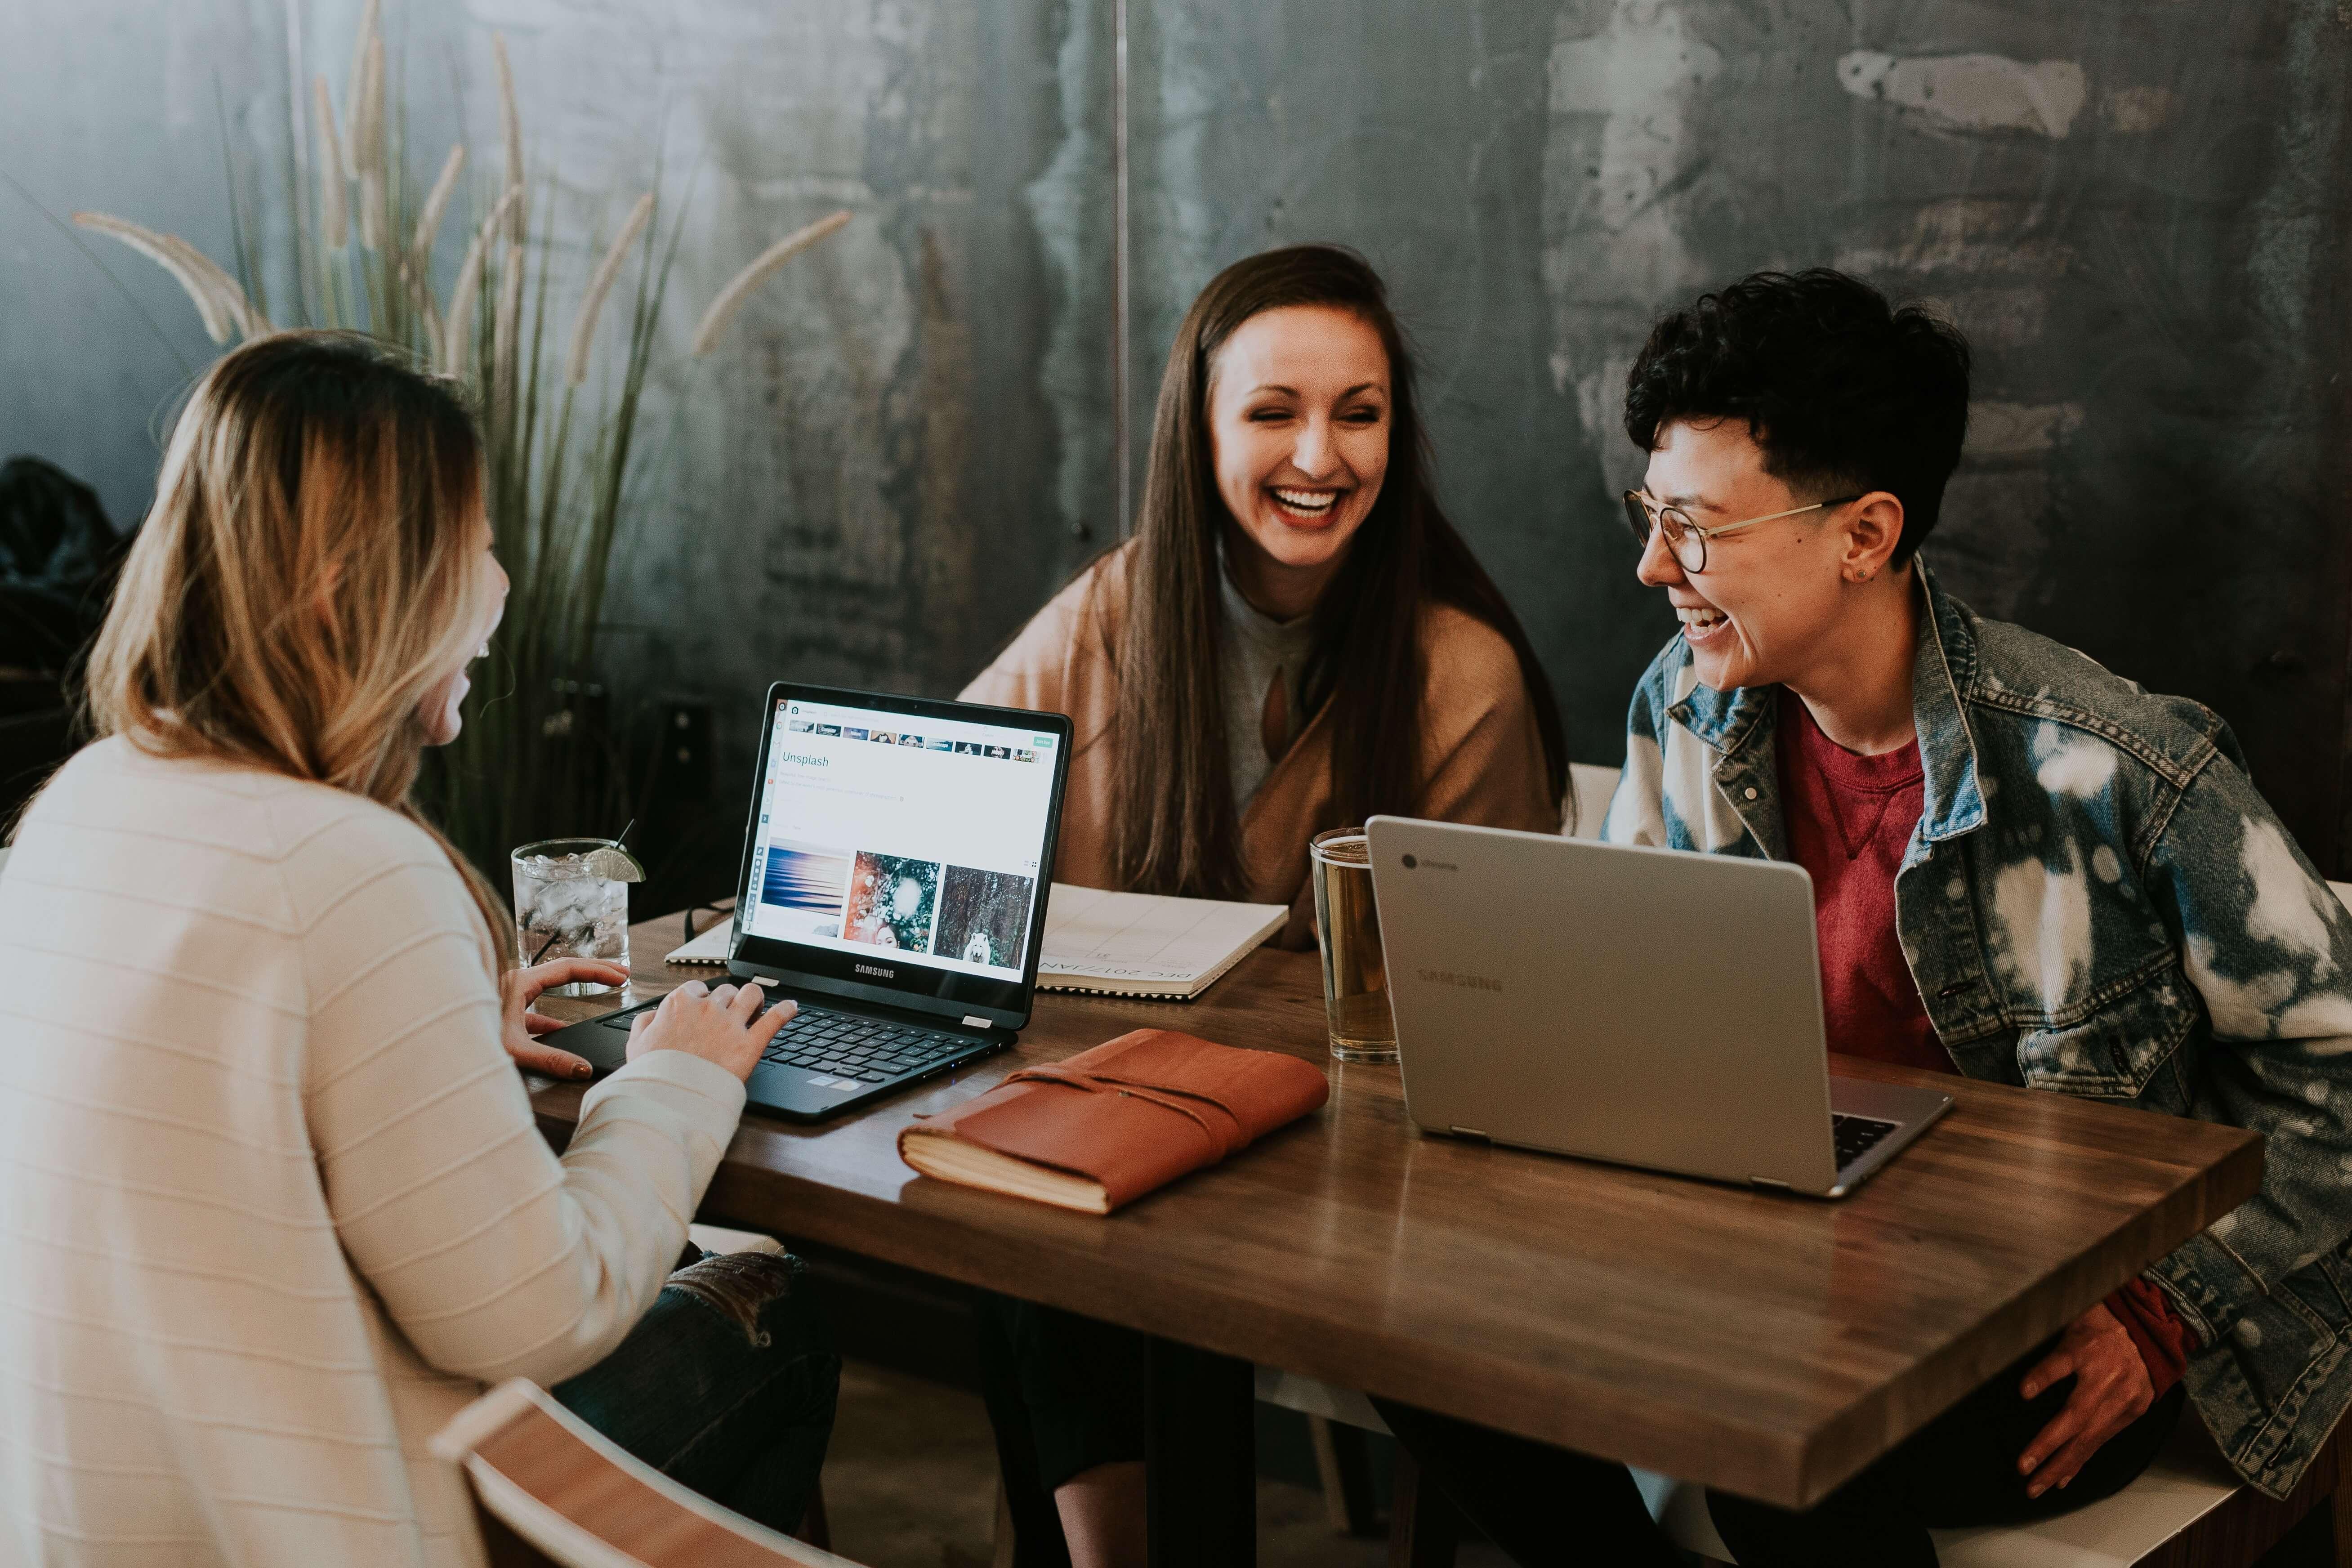 entrar na faculdade: três jovens rindo e utilizando o computador.